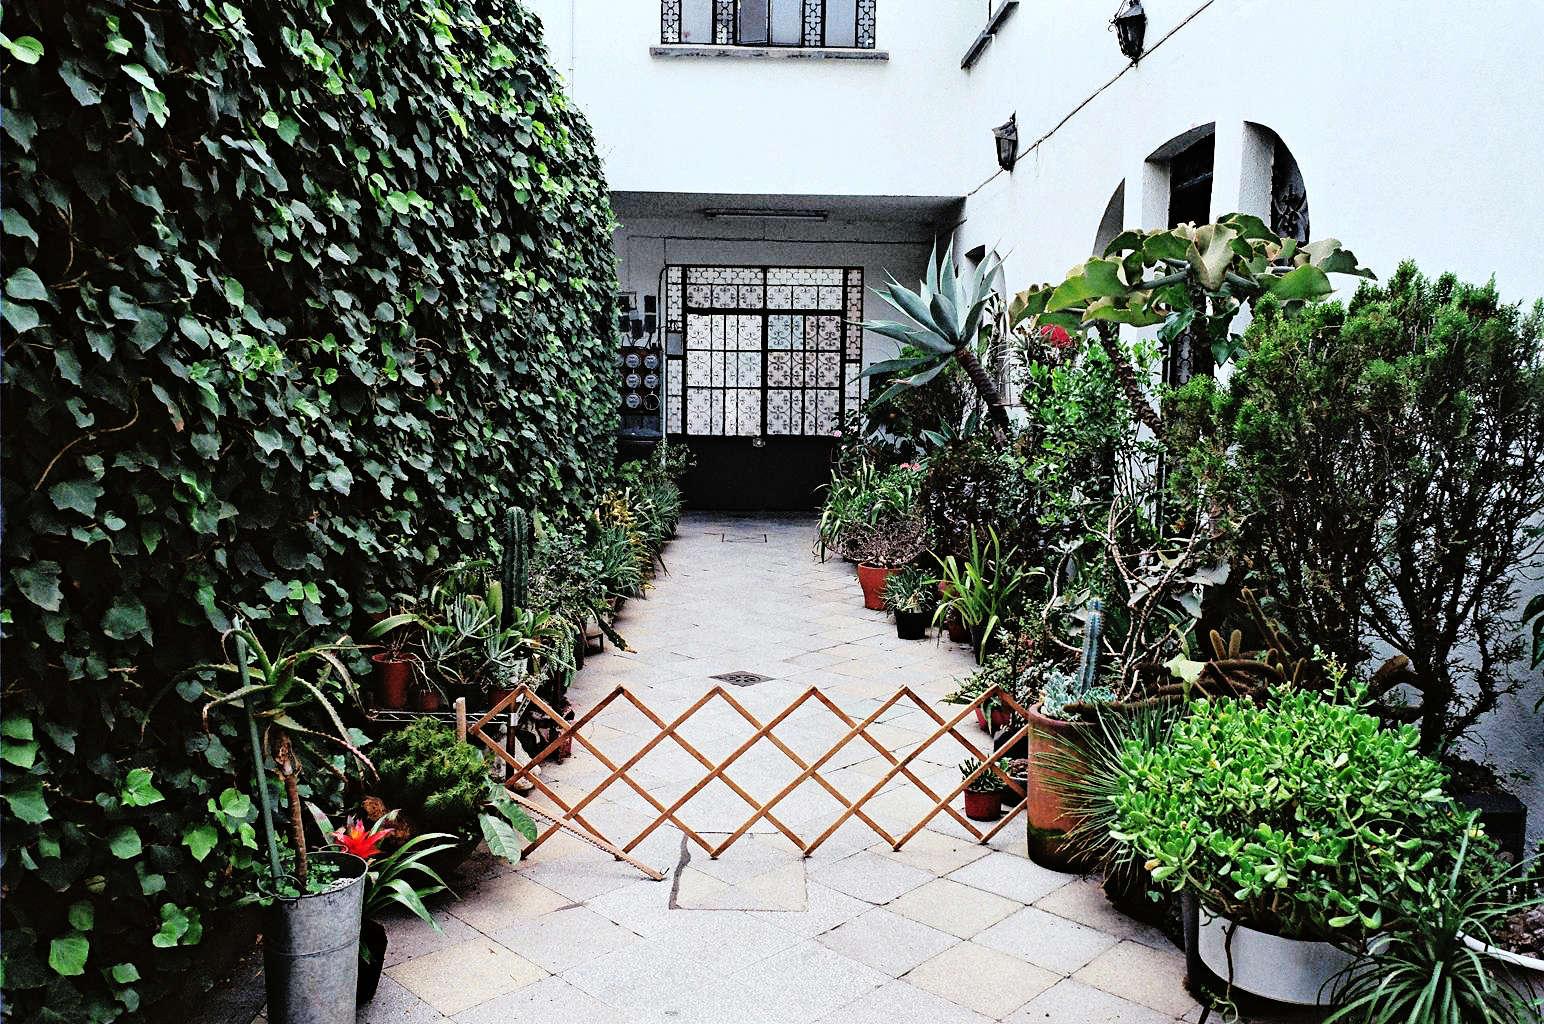 Freunde-von-Freunden-Alberto-Arango-Ramiro-Guerrero-064-gardenista